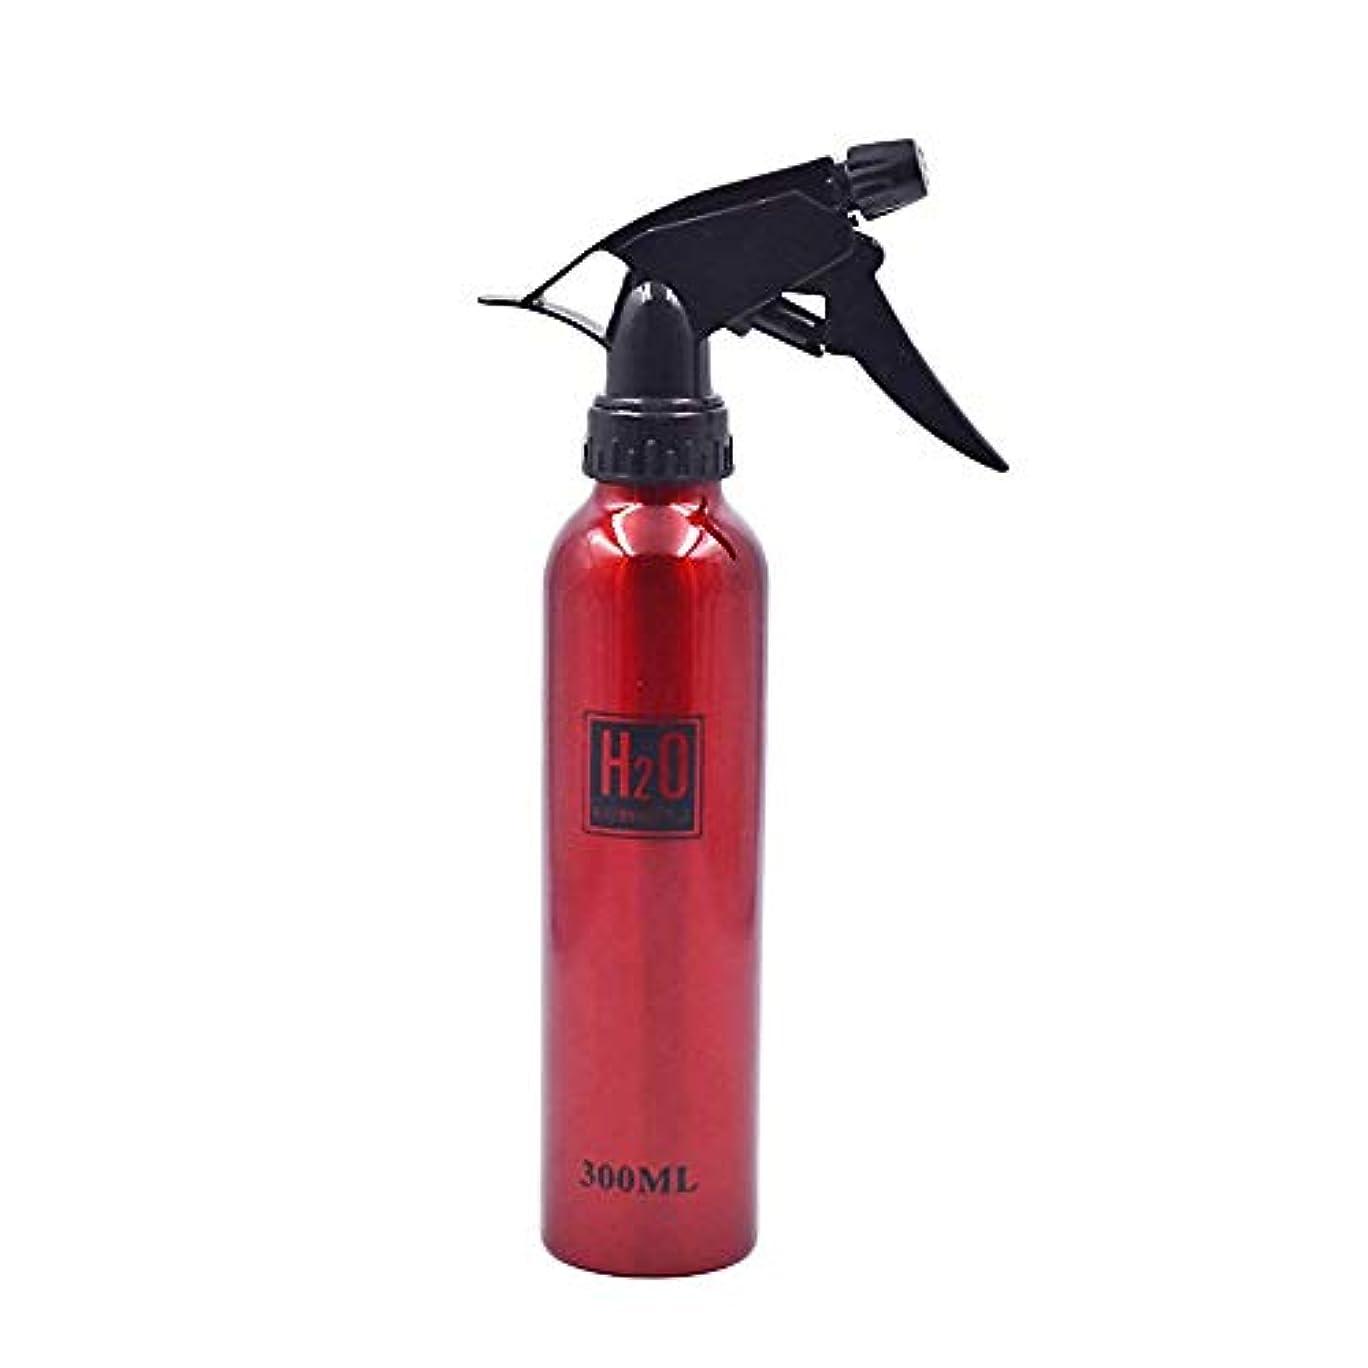 休暇店員輸送Onior 実用 アルミニウム 噴霧瓶 ネブライザー 化粧品 水 サロンヘア 洗剤使用 1枚 (赤 300ml)